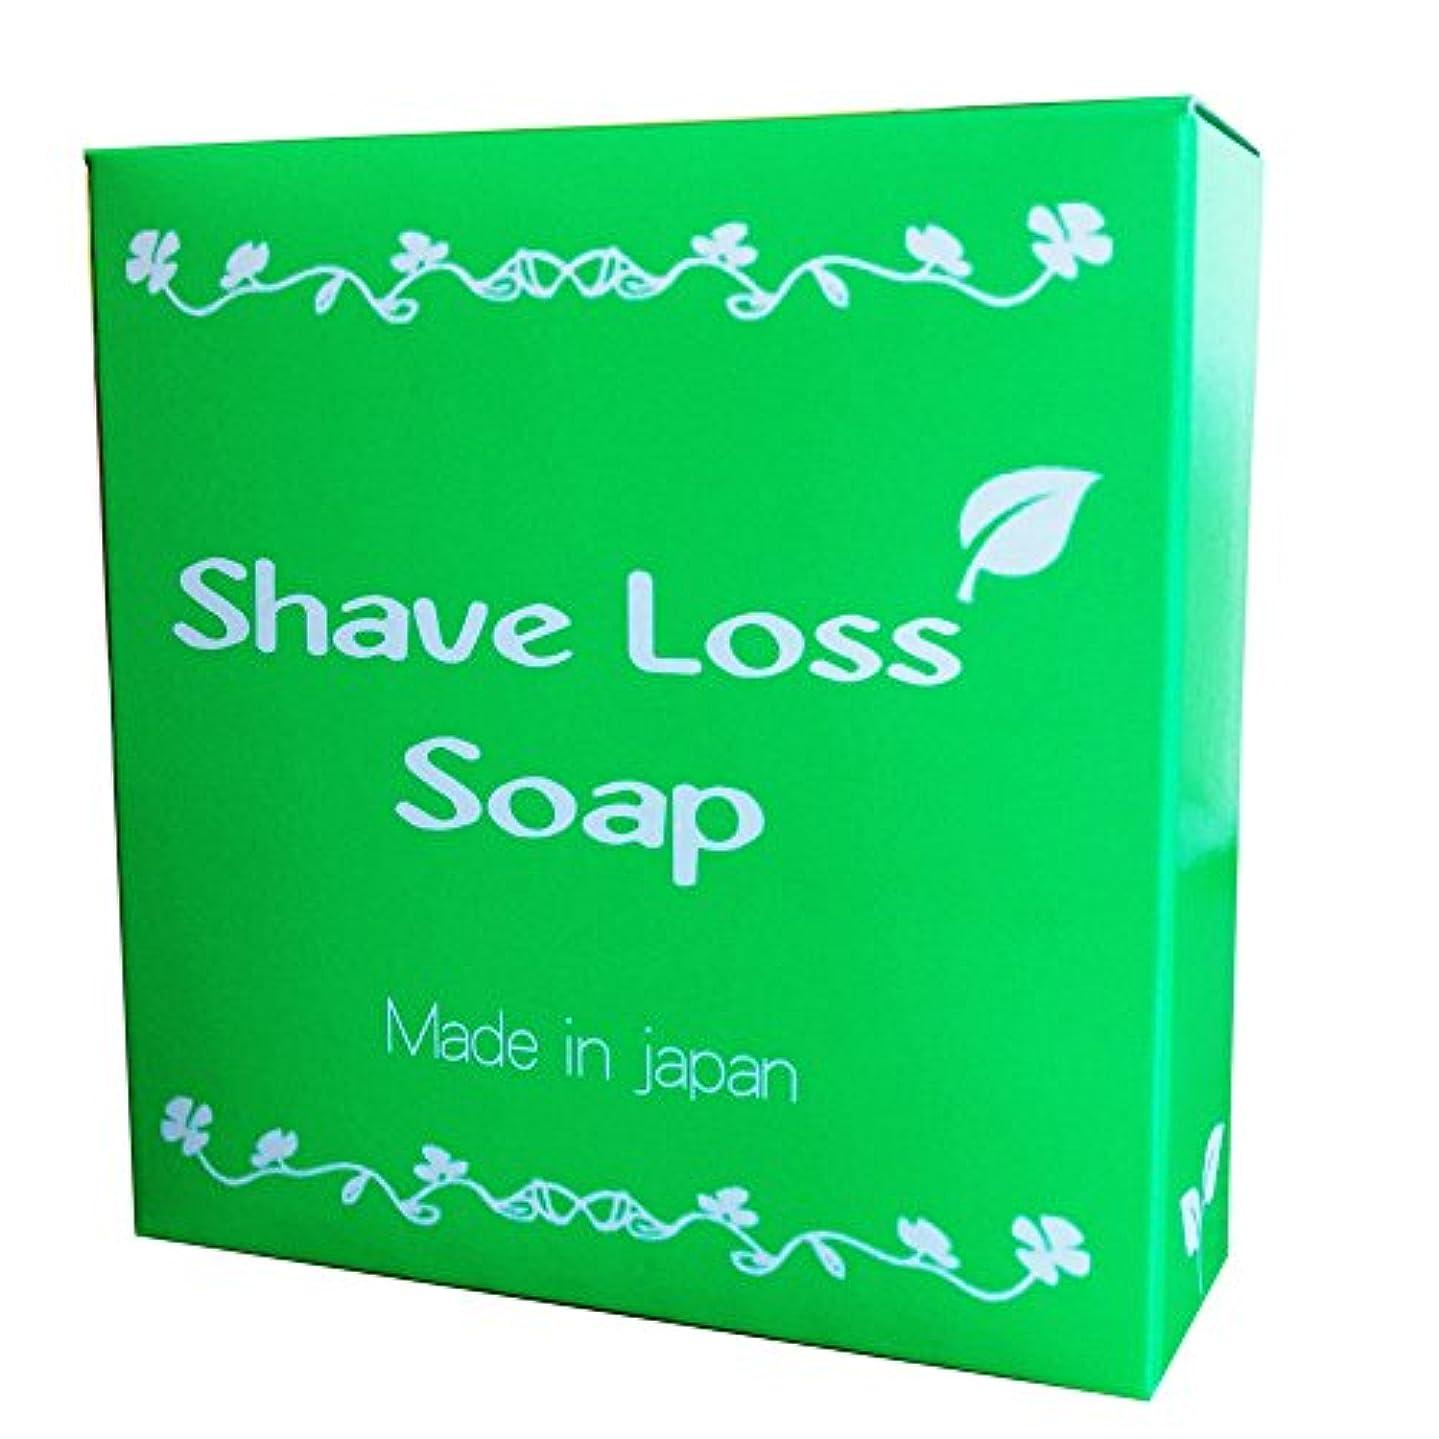 明るい落花生朝Shave Loss Soap 女性のツルツルを叶える 奇跡の石鹸 80g (1個)